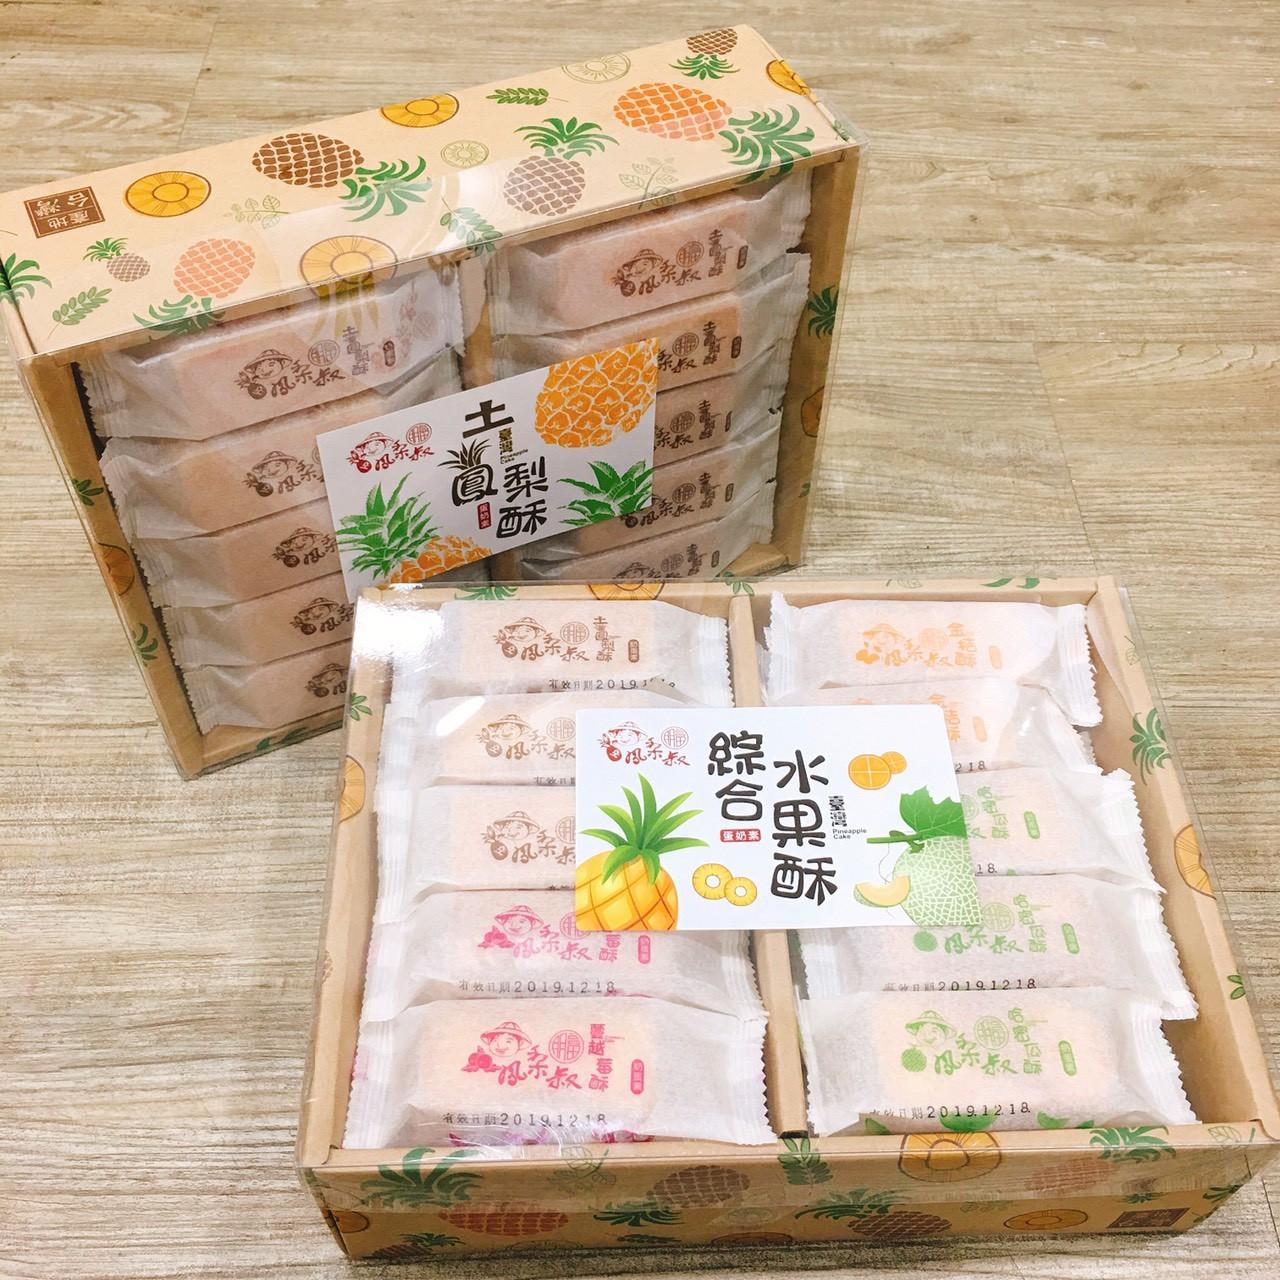 鳳梨叔-土鳳梨酥/綜合水果酥(30入)